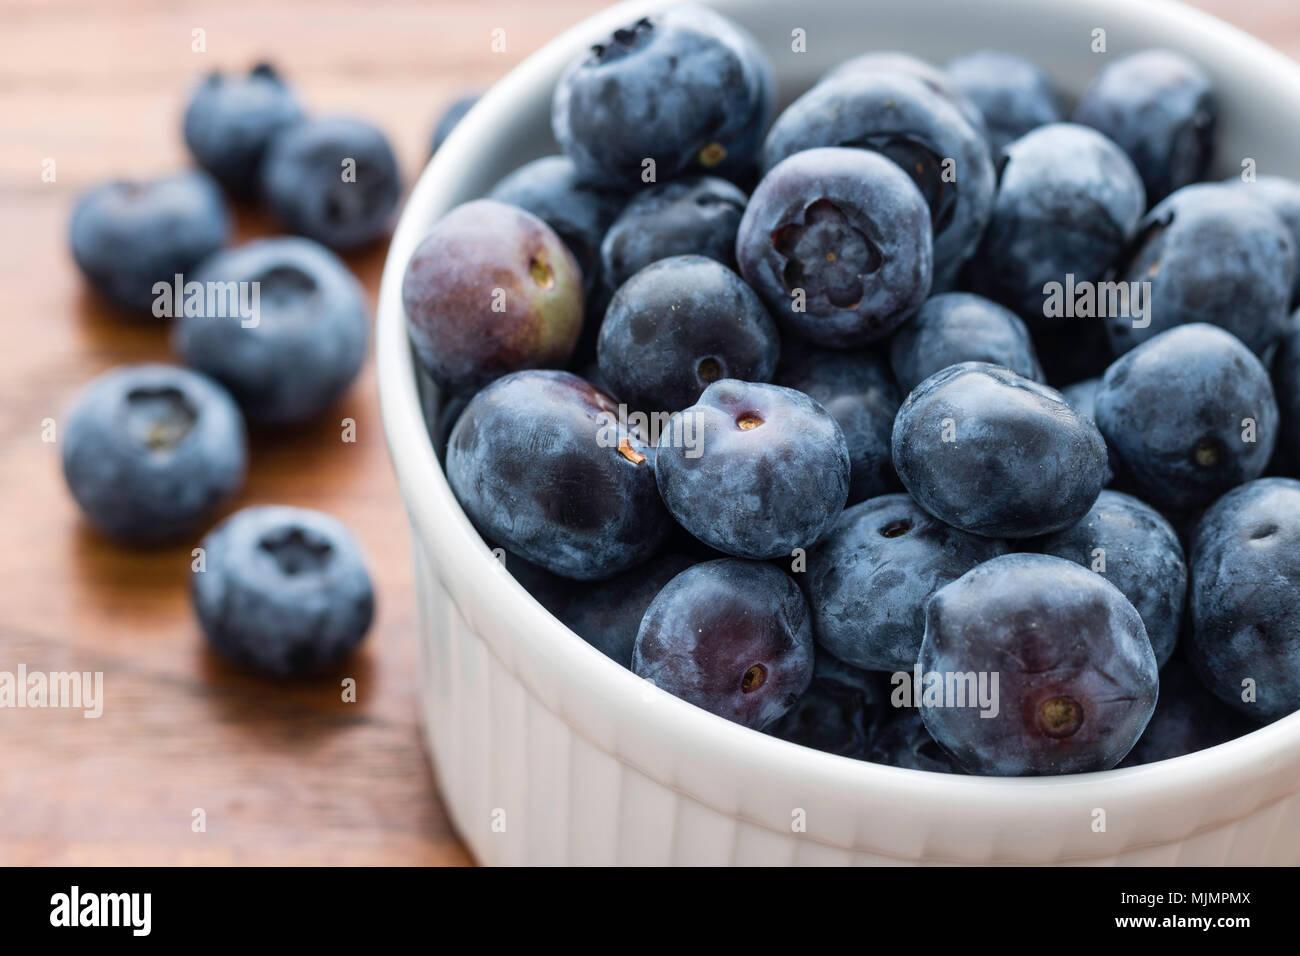 Kleine weiße Schüssel gefüllt mit frischen Blaubeeren, sechs Blaubeeren auf der linken Seite, Holzplatte Hintergrund, gesunde Ernährung Konzept Stockbild